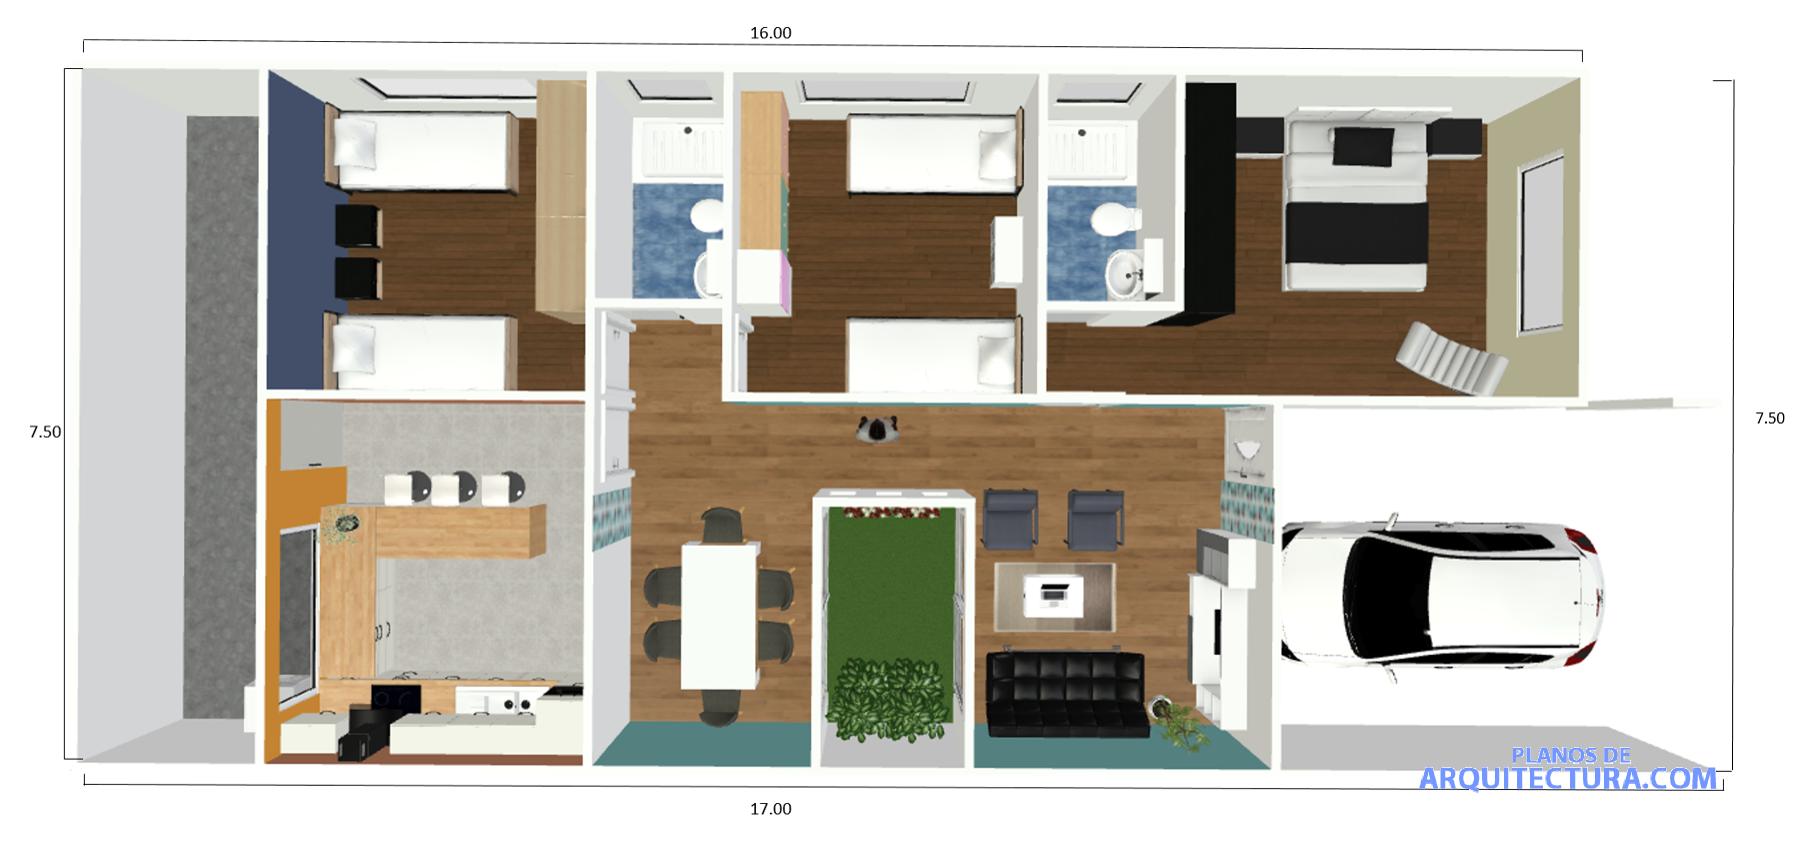 Casa dise o de casas de 100m2 decoraci n de interiores - Casas de diseno ...